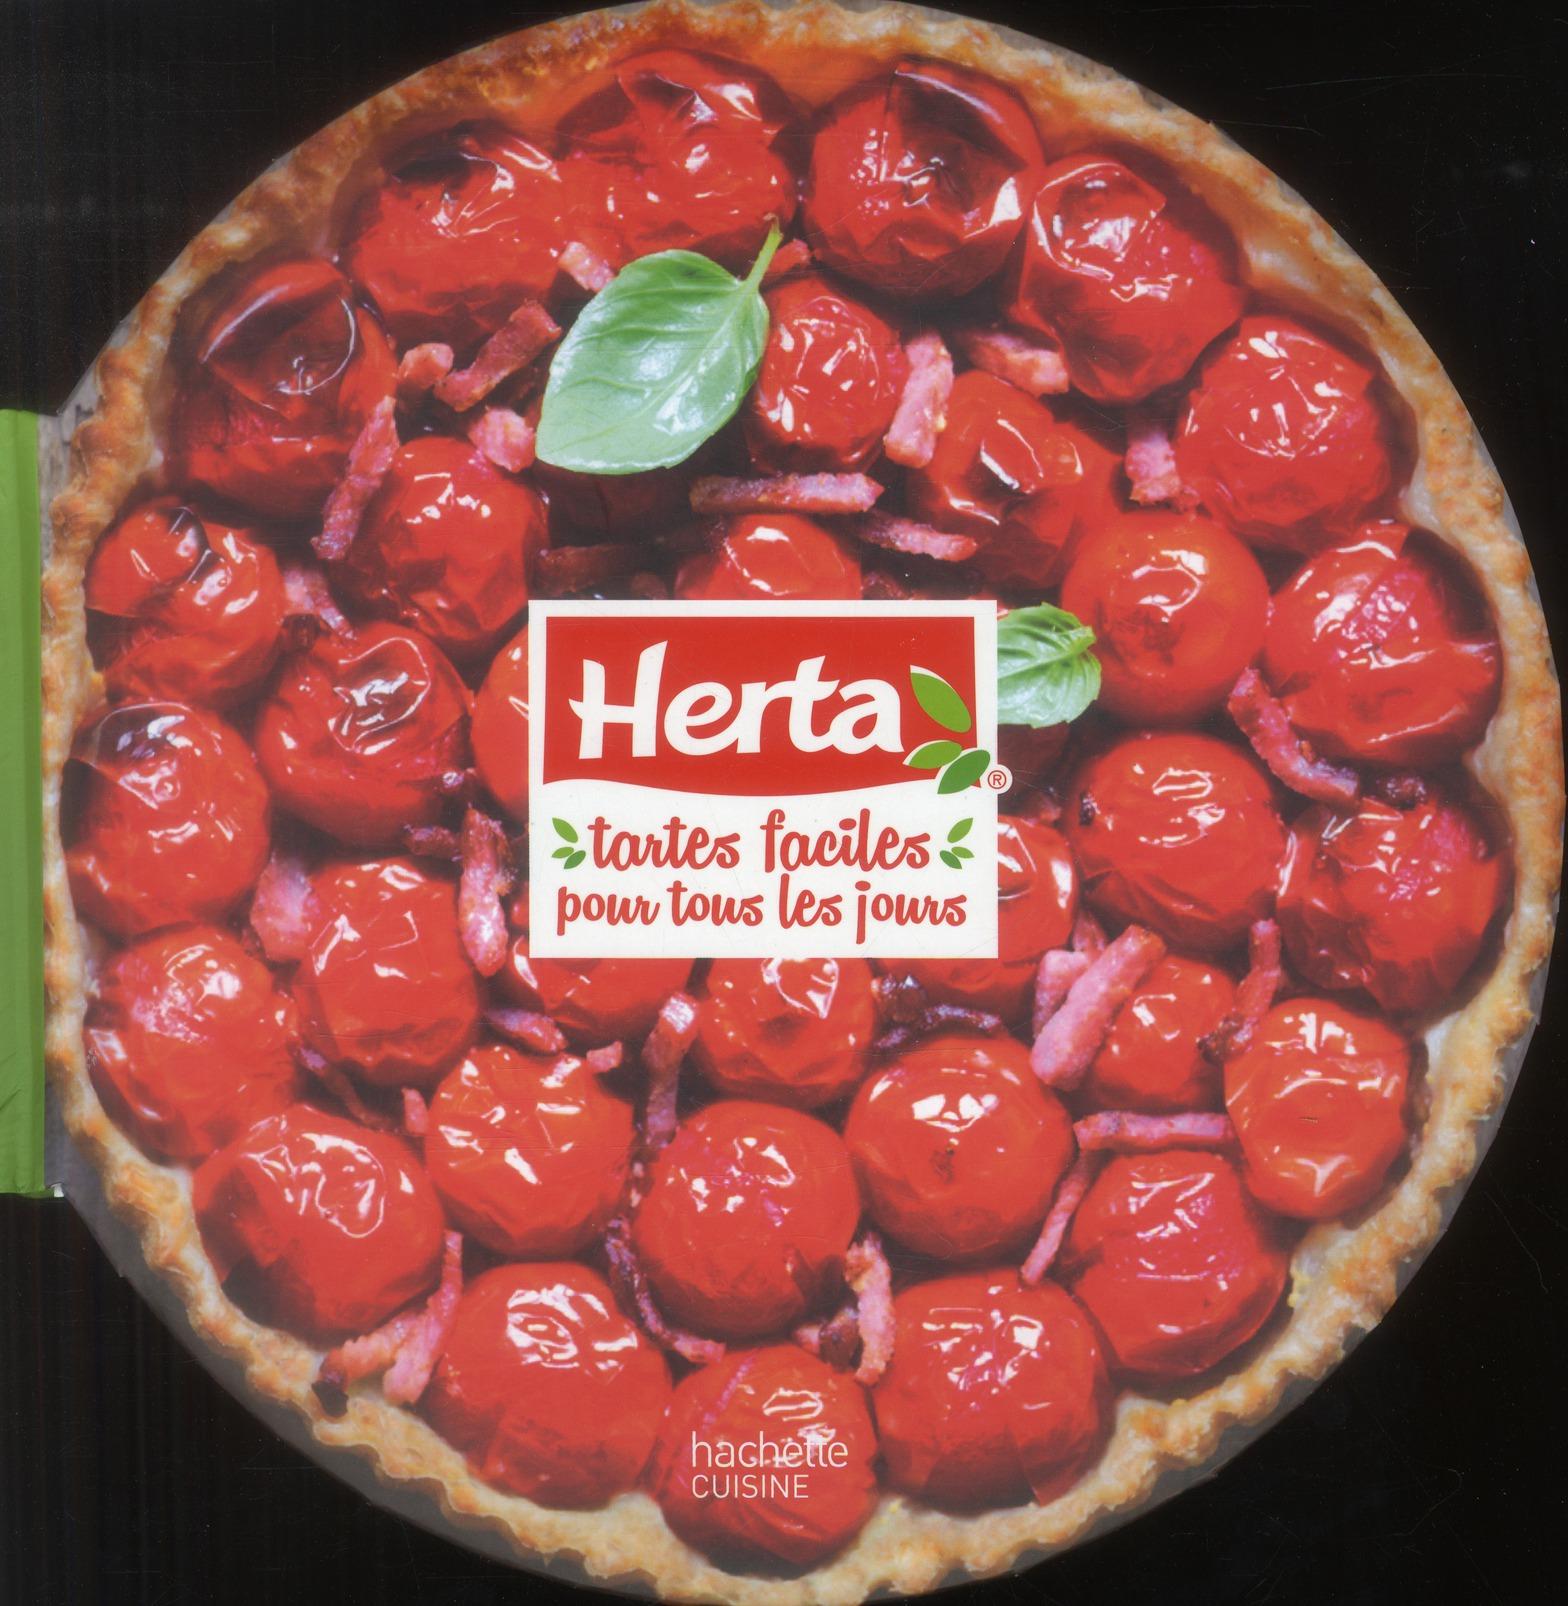 HERTA - TARTES FACILES POUR TOUS LES JOURS